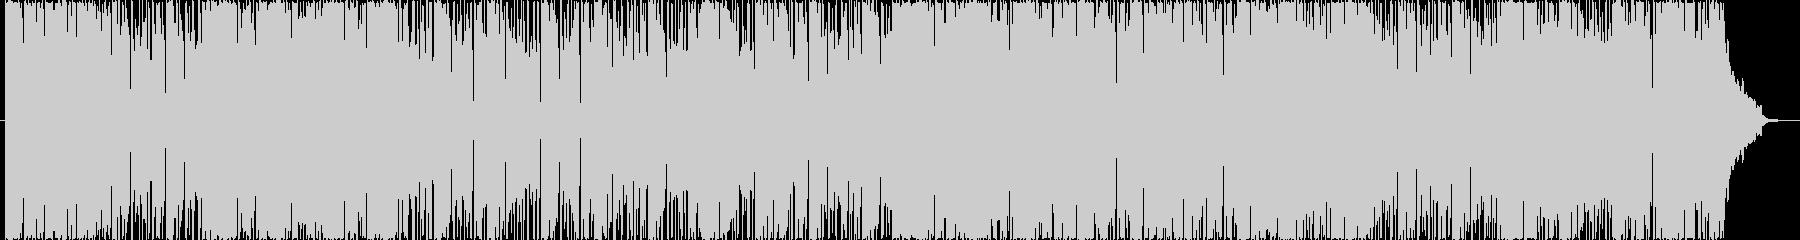 フルートのソロがメインの優しいBGMの未再生の波形